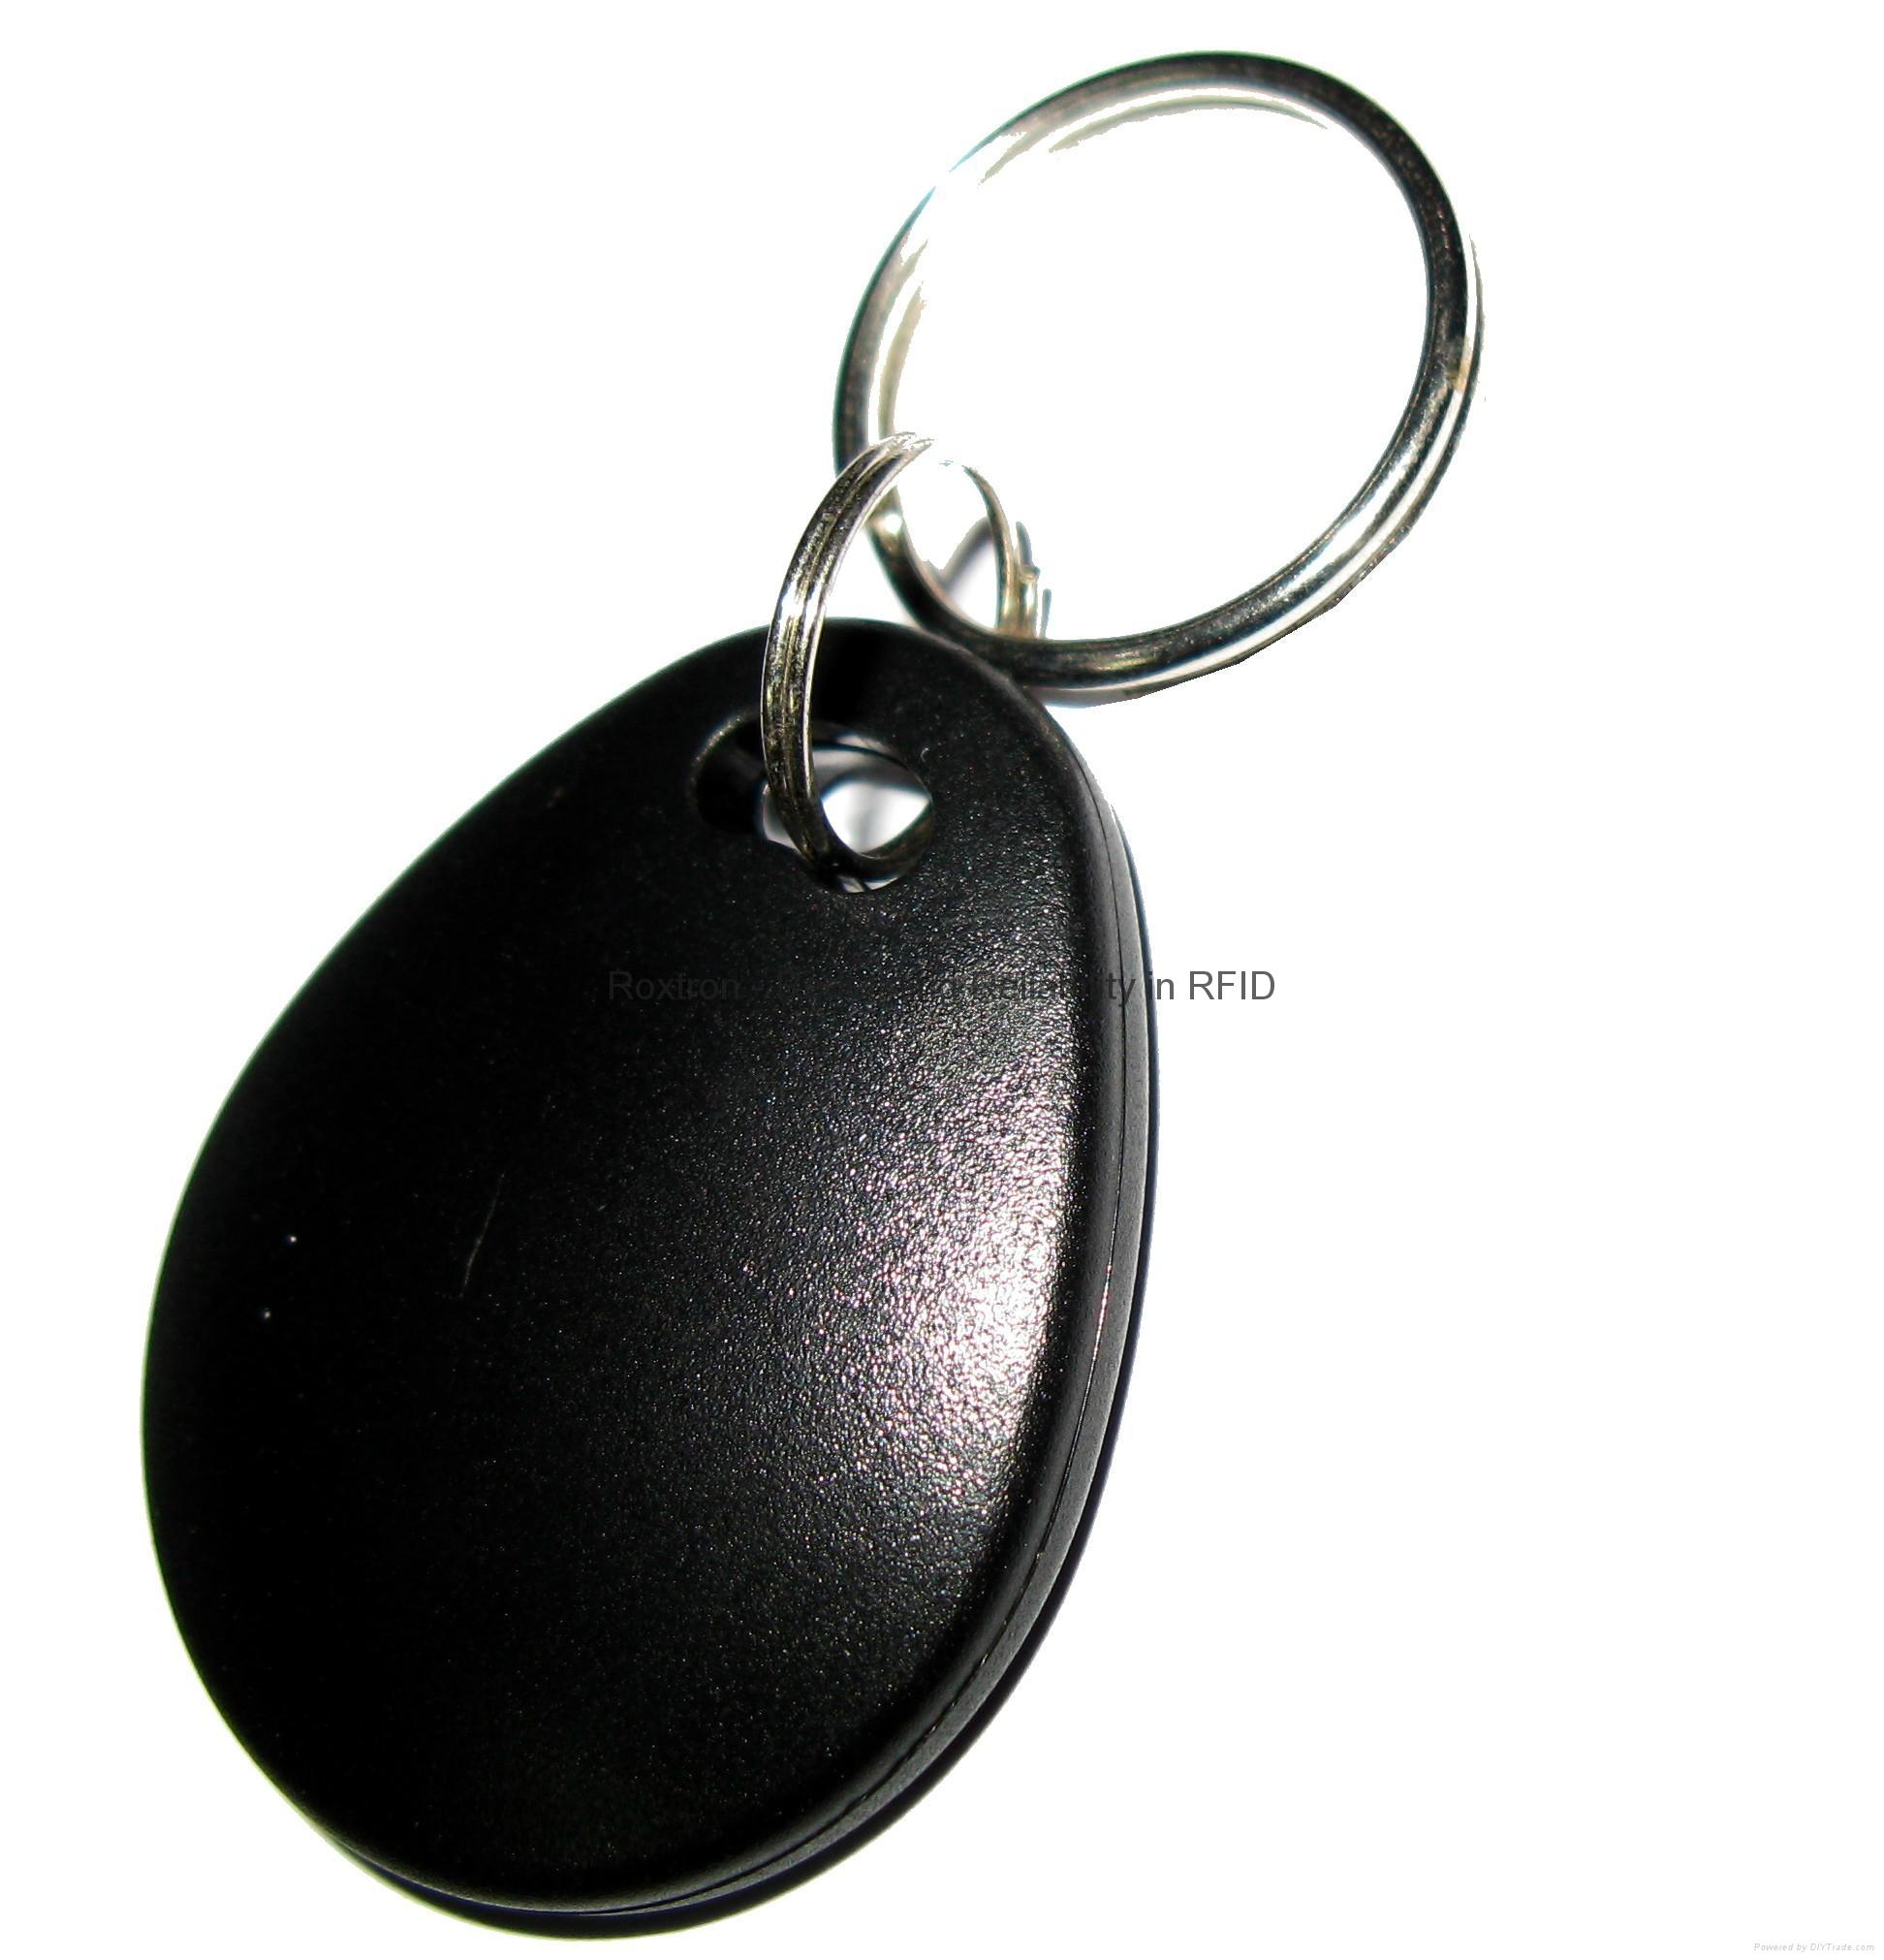 MIFARE Mini RXK03 Key Fob 17